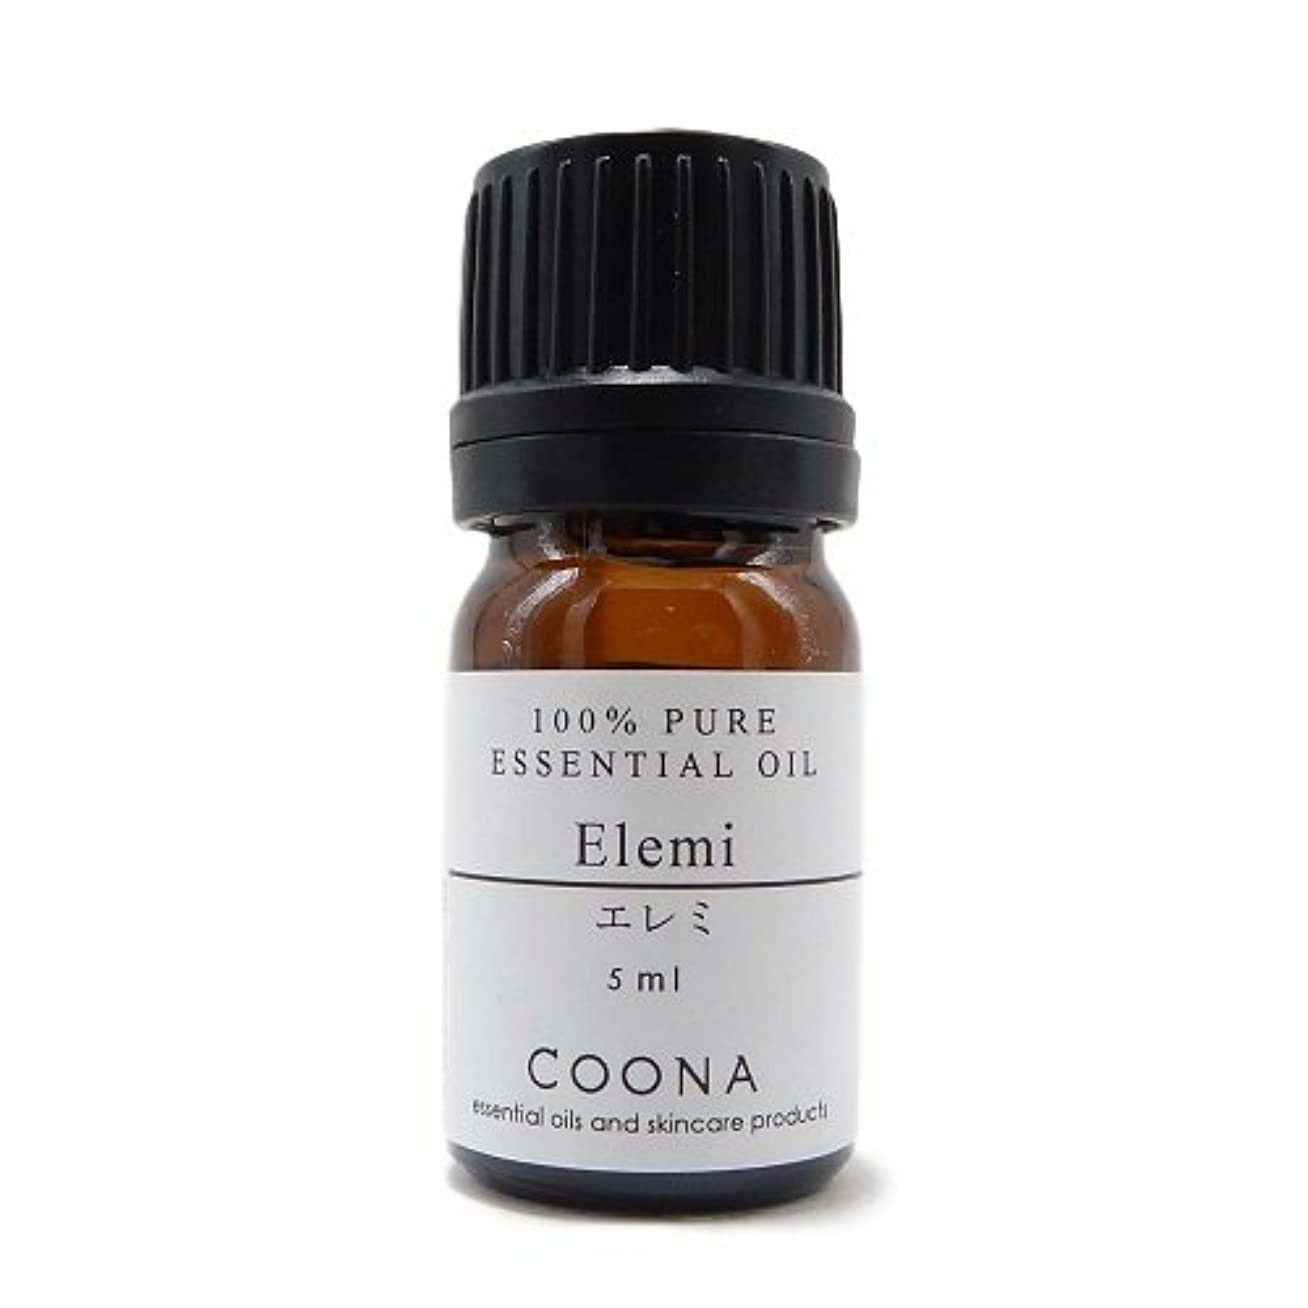 第雑品貴重なエレミ 5 ml (COONA エッセンシャルオイル アロマオイル 100%天然植物精油)